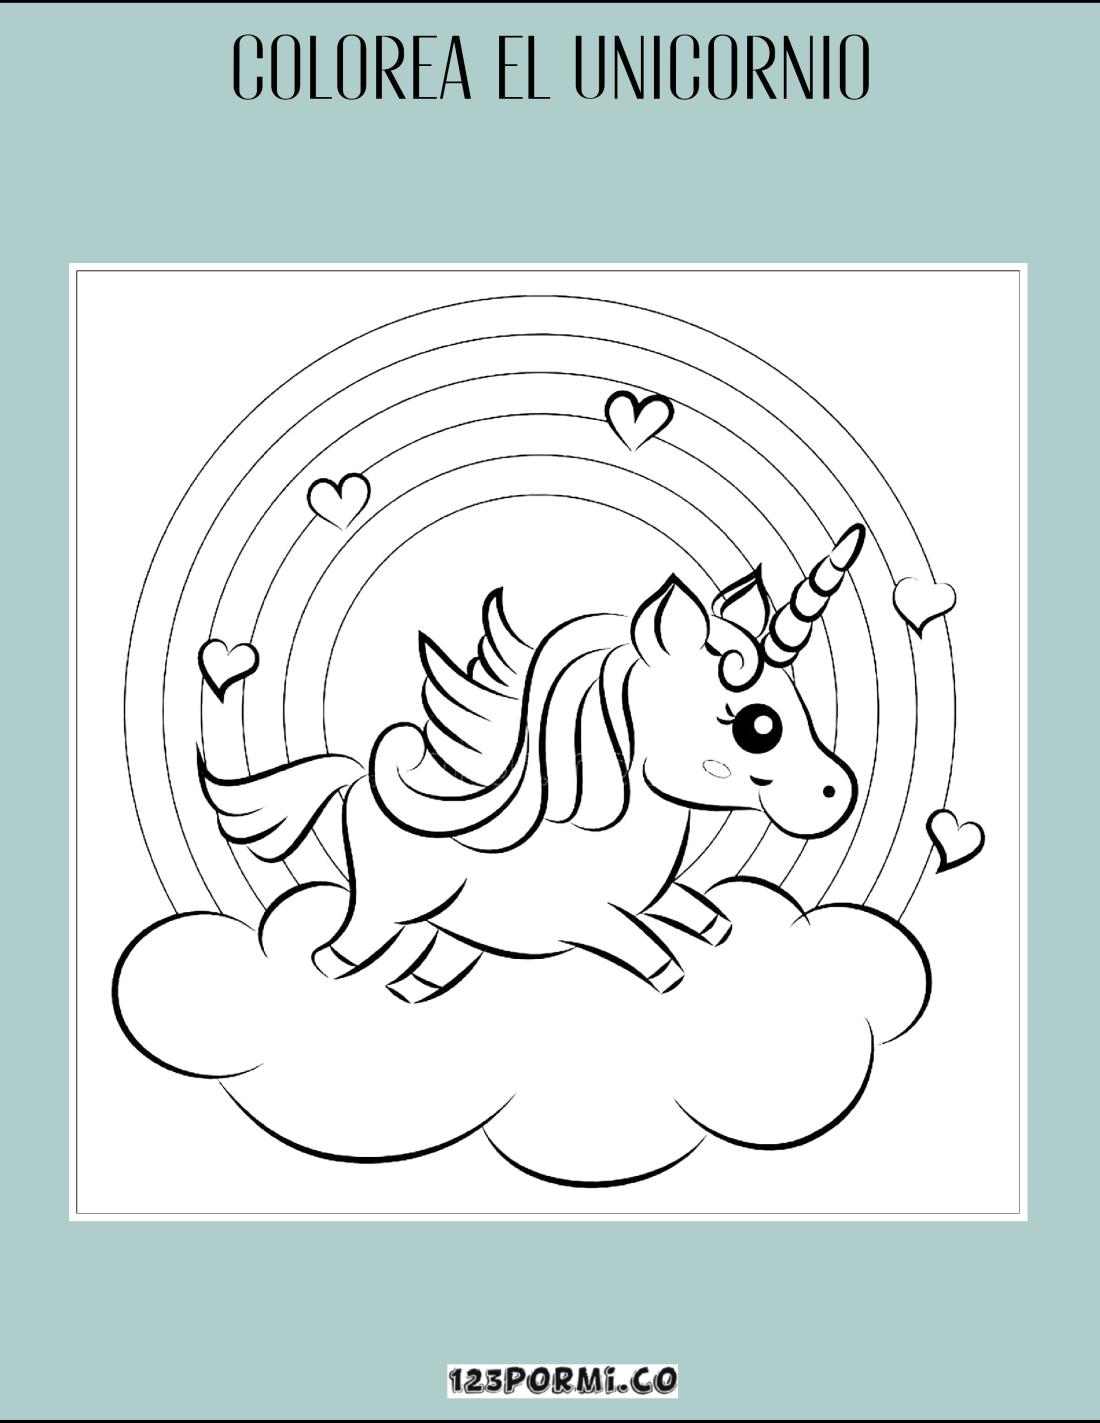 colorea el unicornio_Mesa de trabajo 1